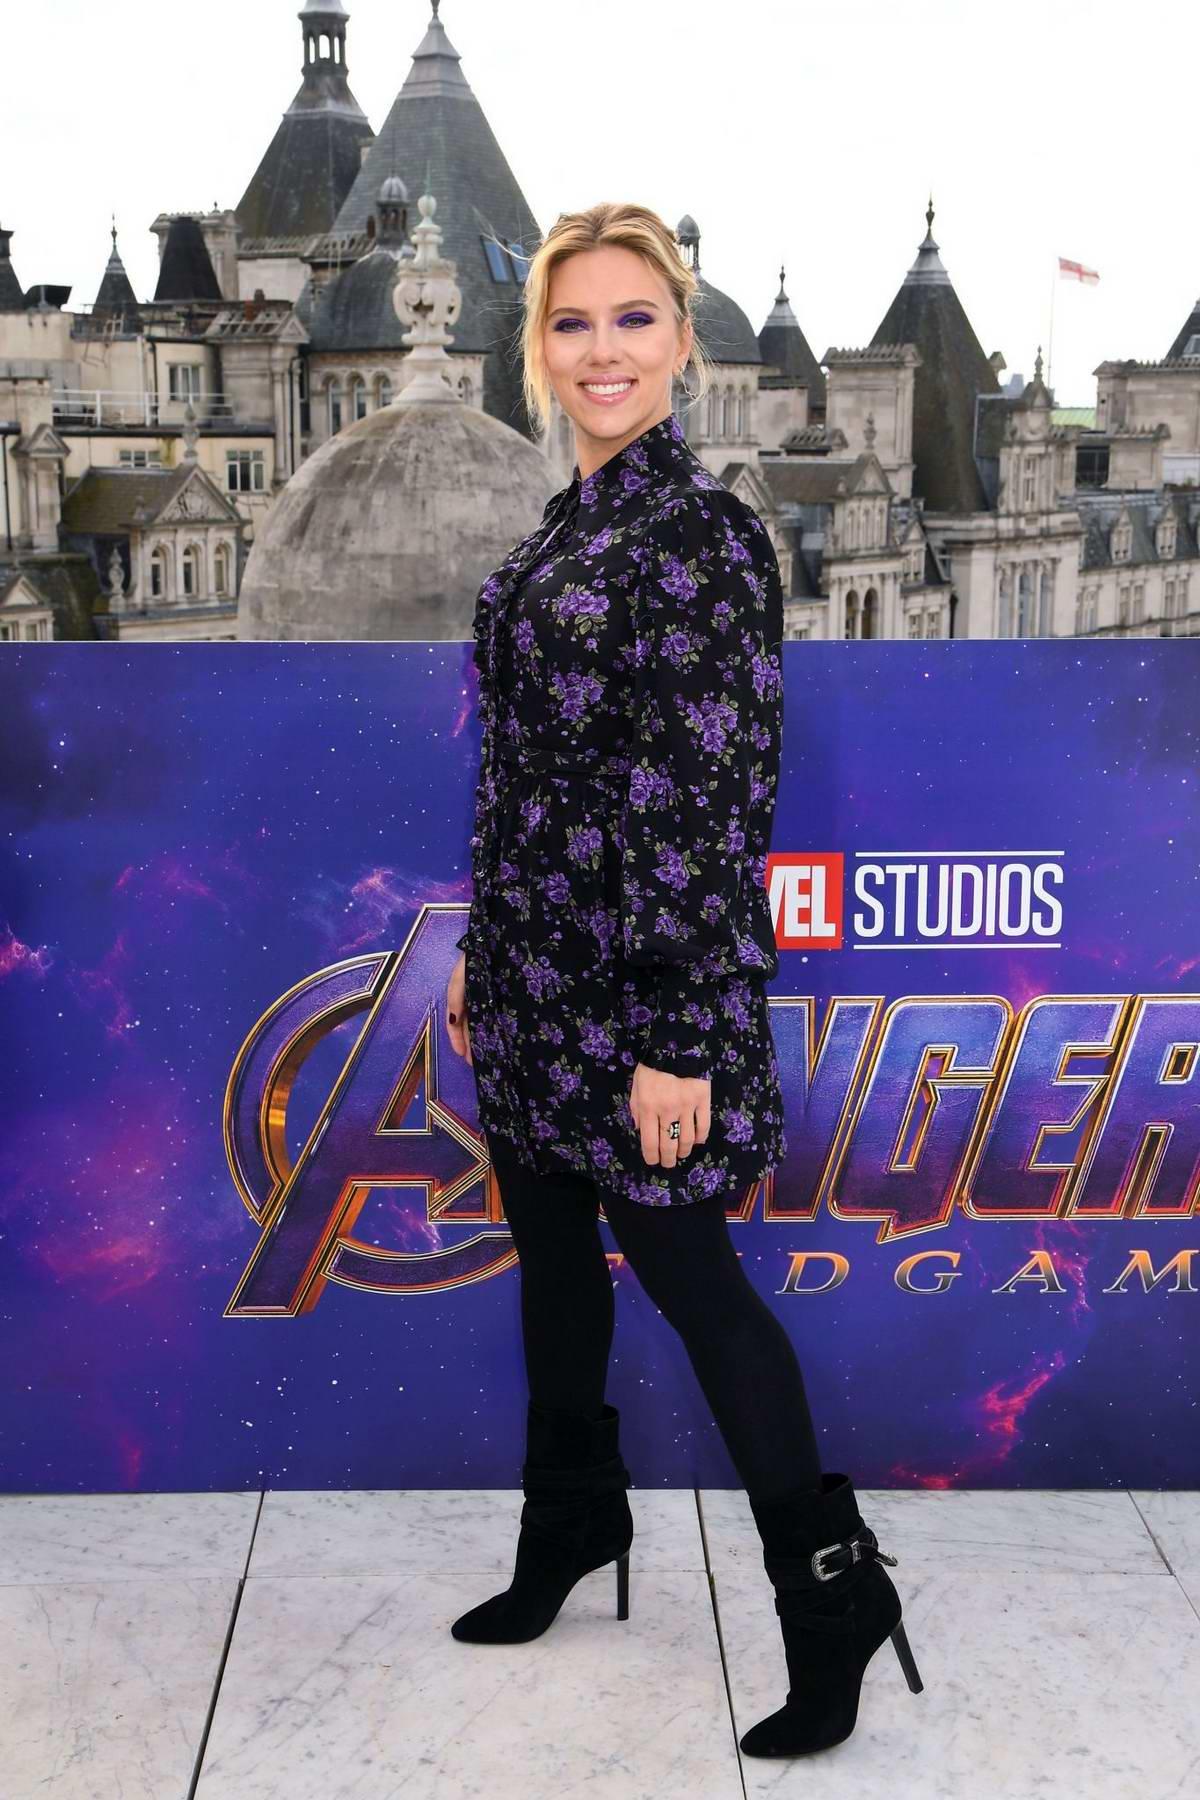 Scarlett Johansson attends 'Avengers: Endgame' Photocall at Corinthia London in London, UK